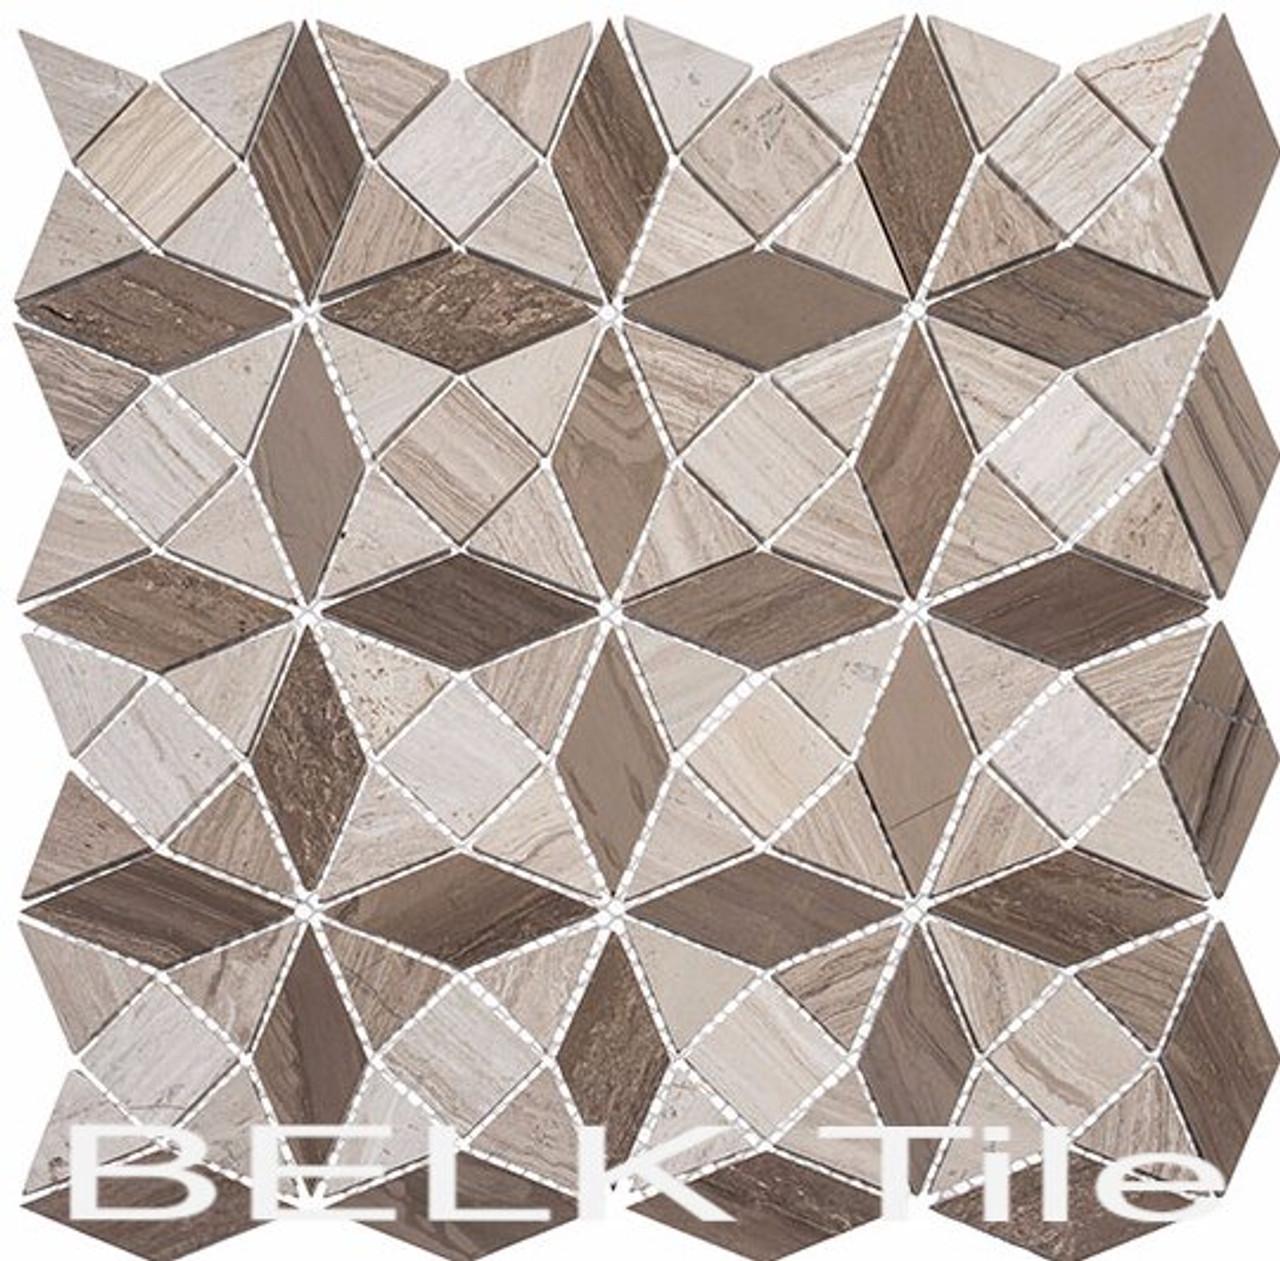 Bella Glass Tiles Divine Windows Jerusalem Mount